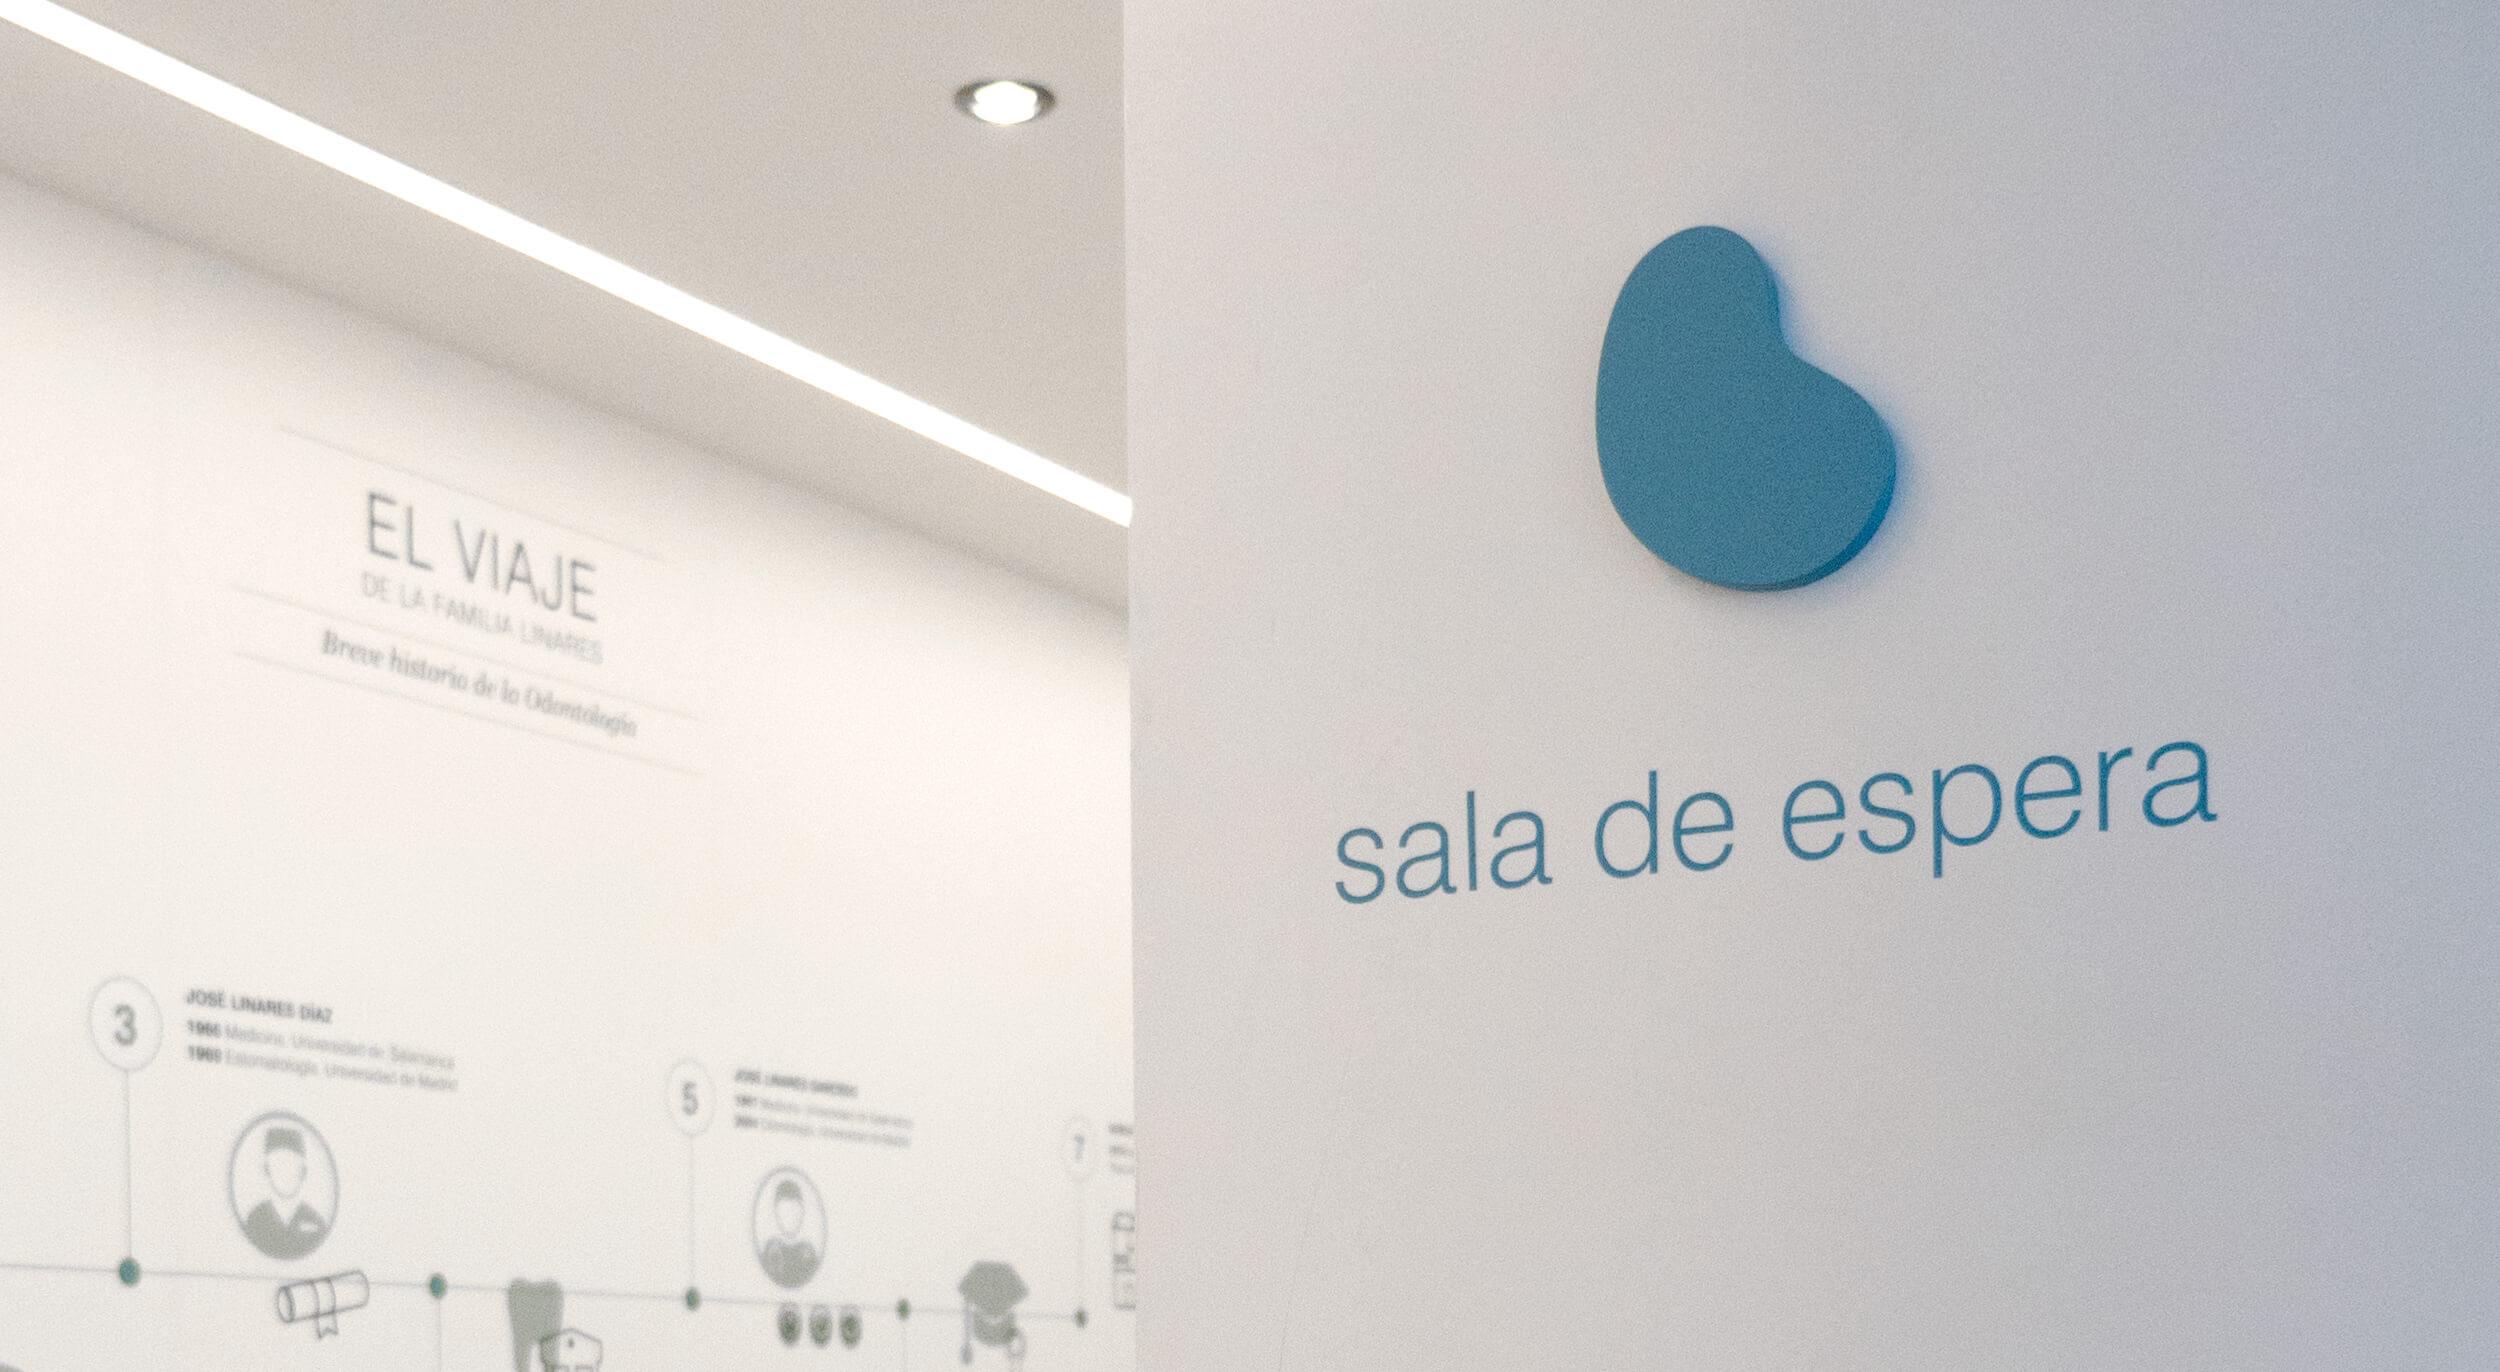 Señalética y muro gráfico de la sala de espera de la Clínica Linares